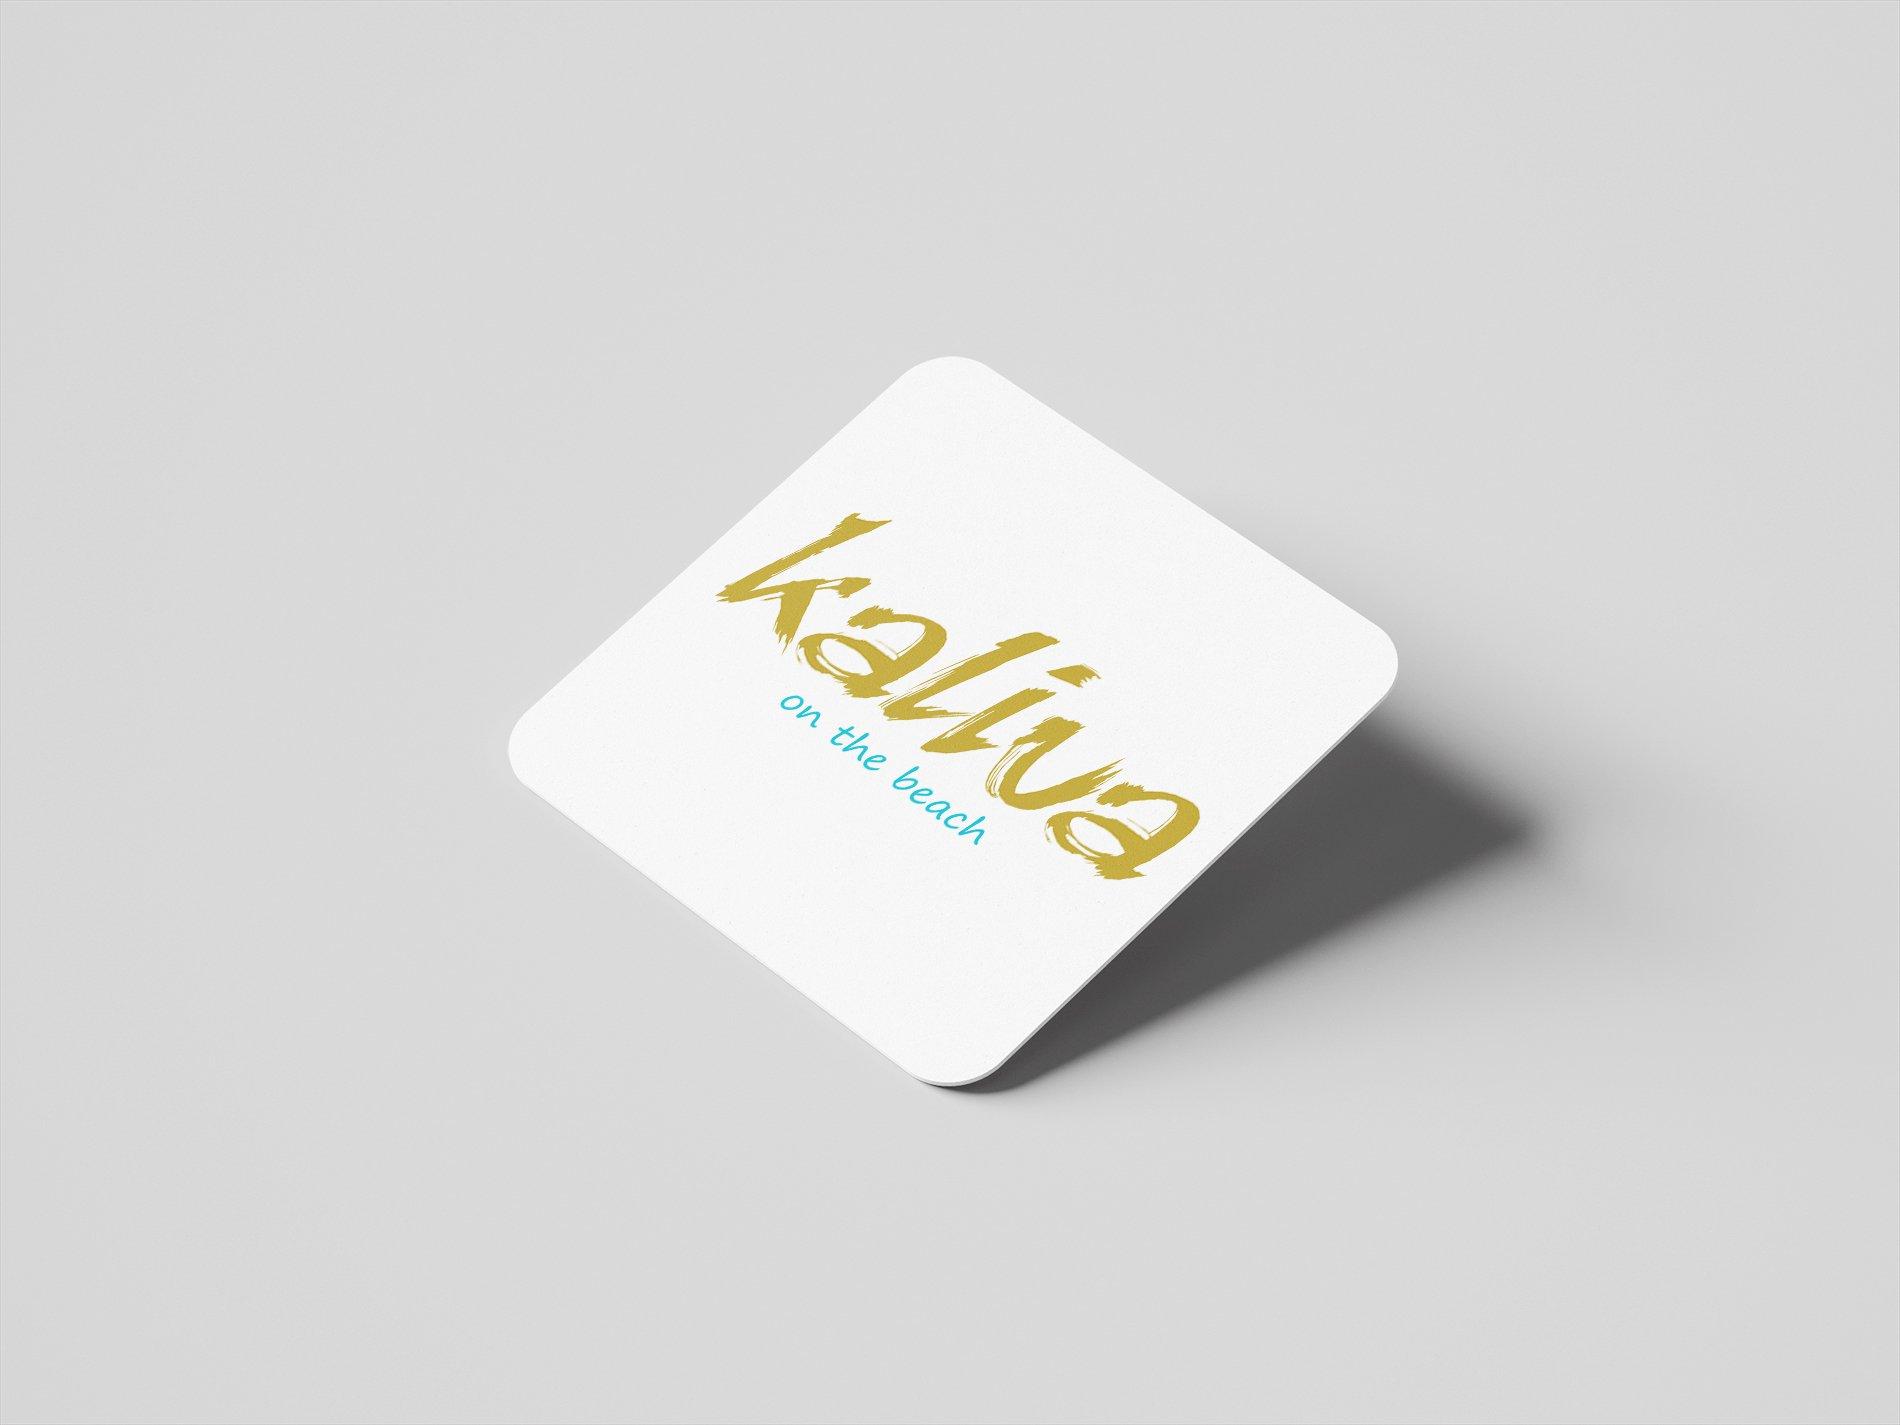 KALIVA-COASTER